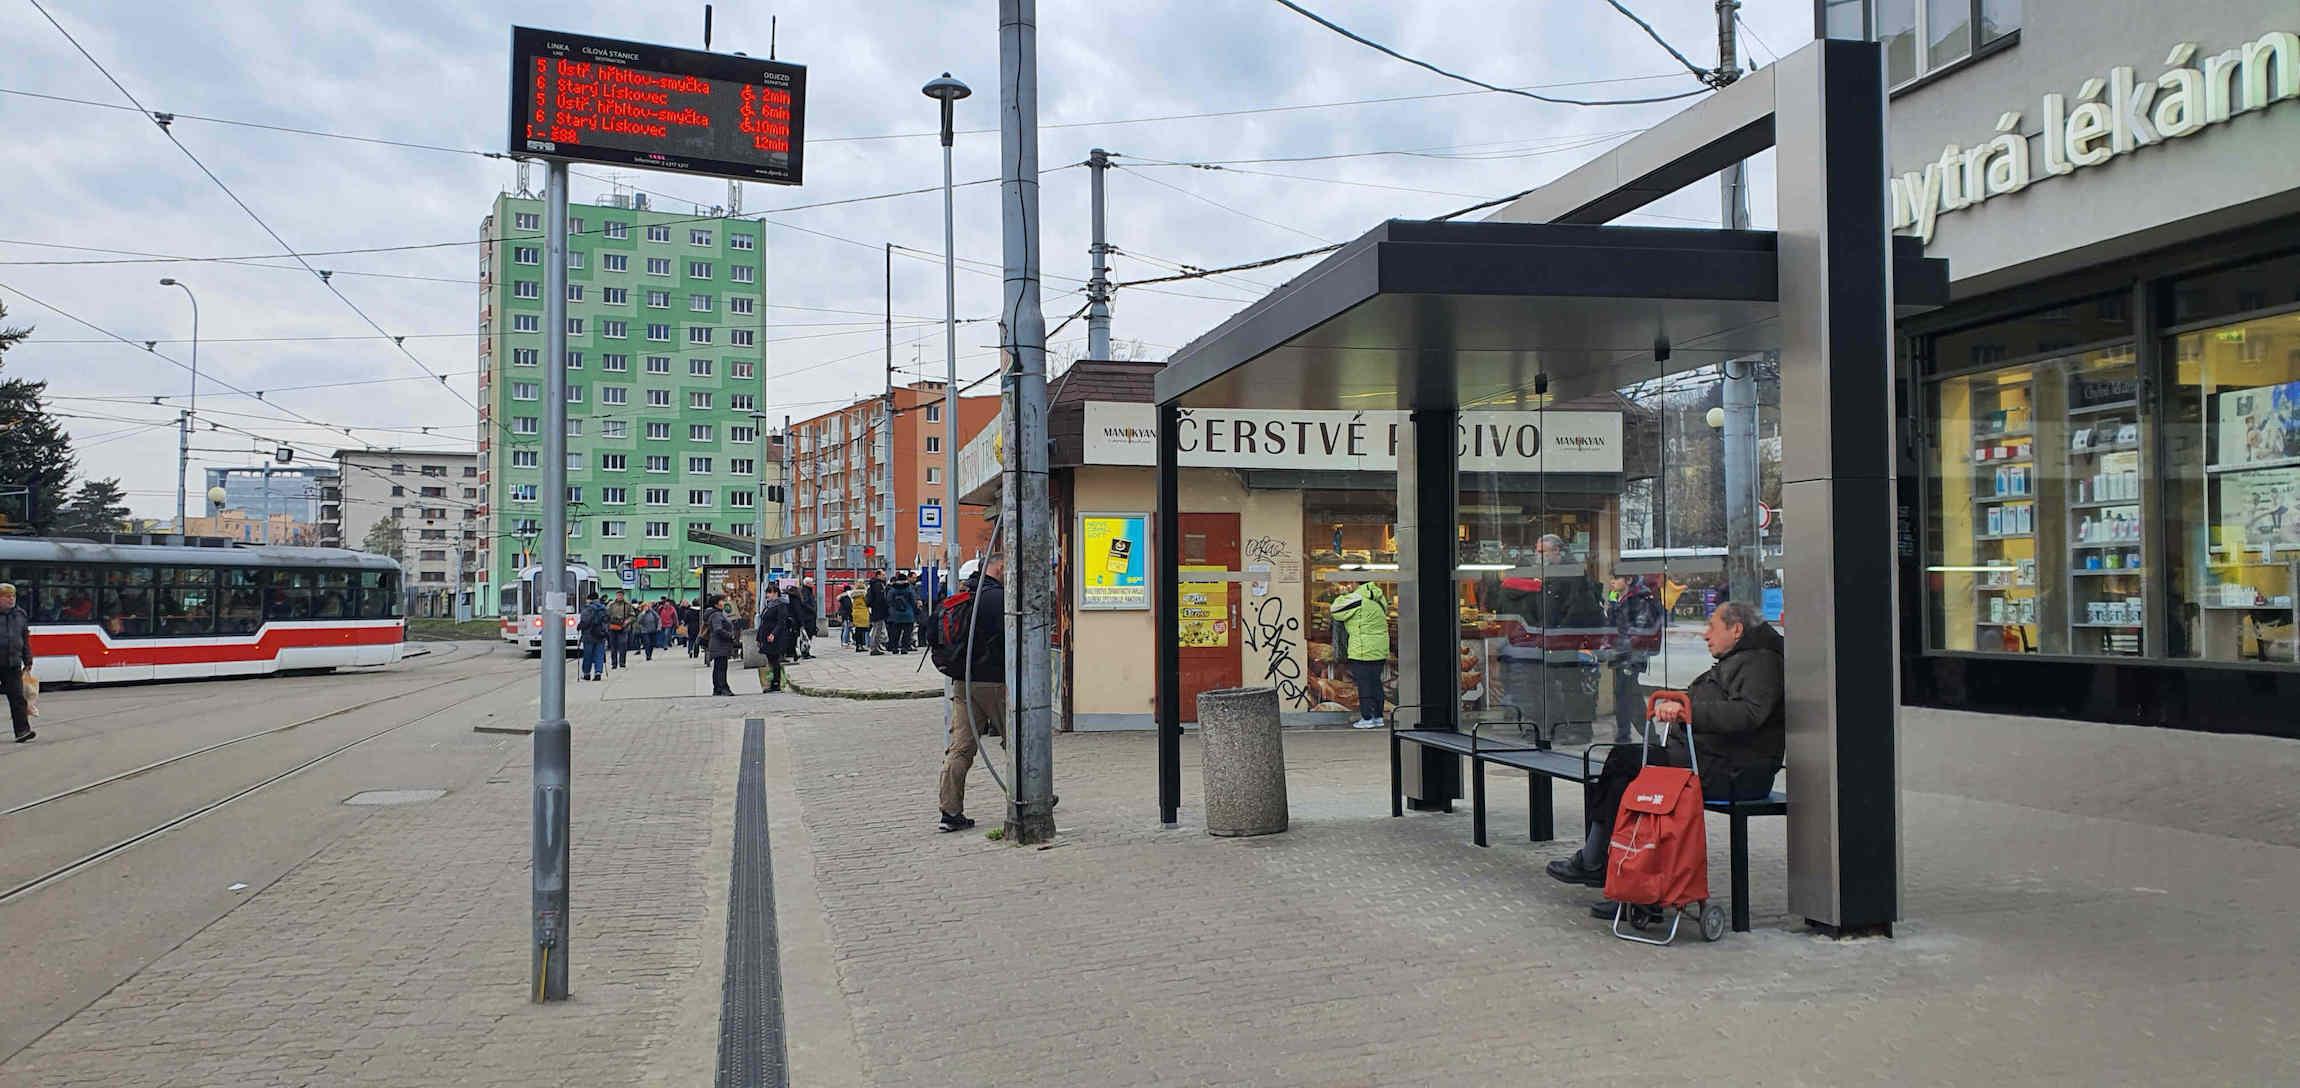 zastávka Mendlovo náměstí